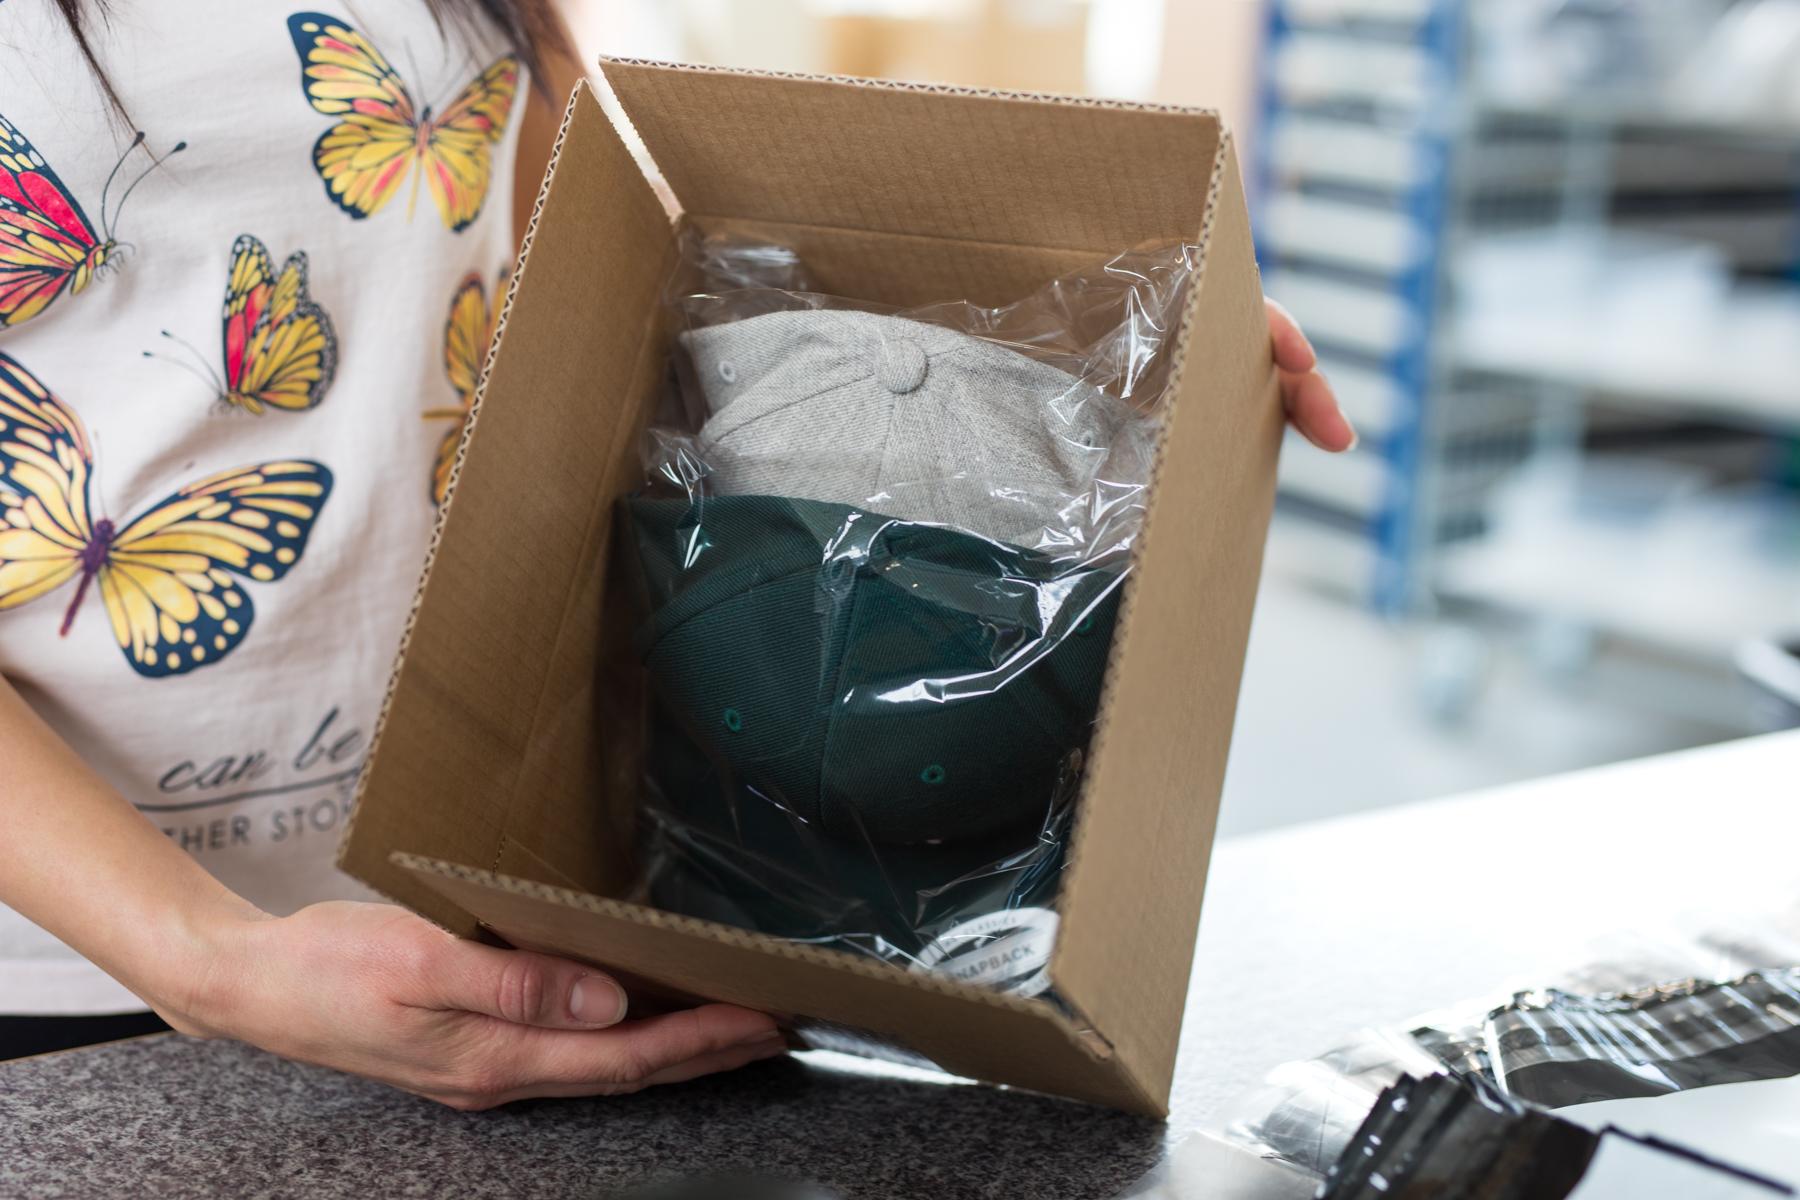 054-packaging